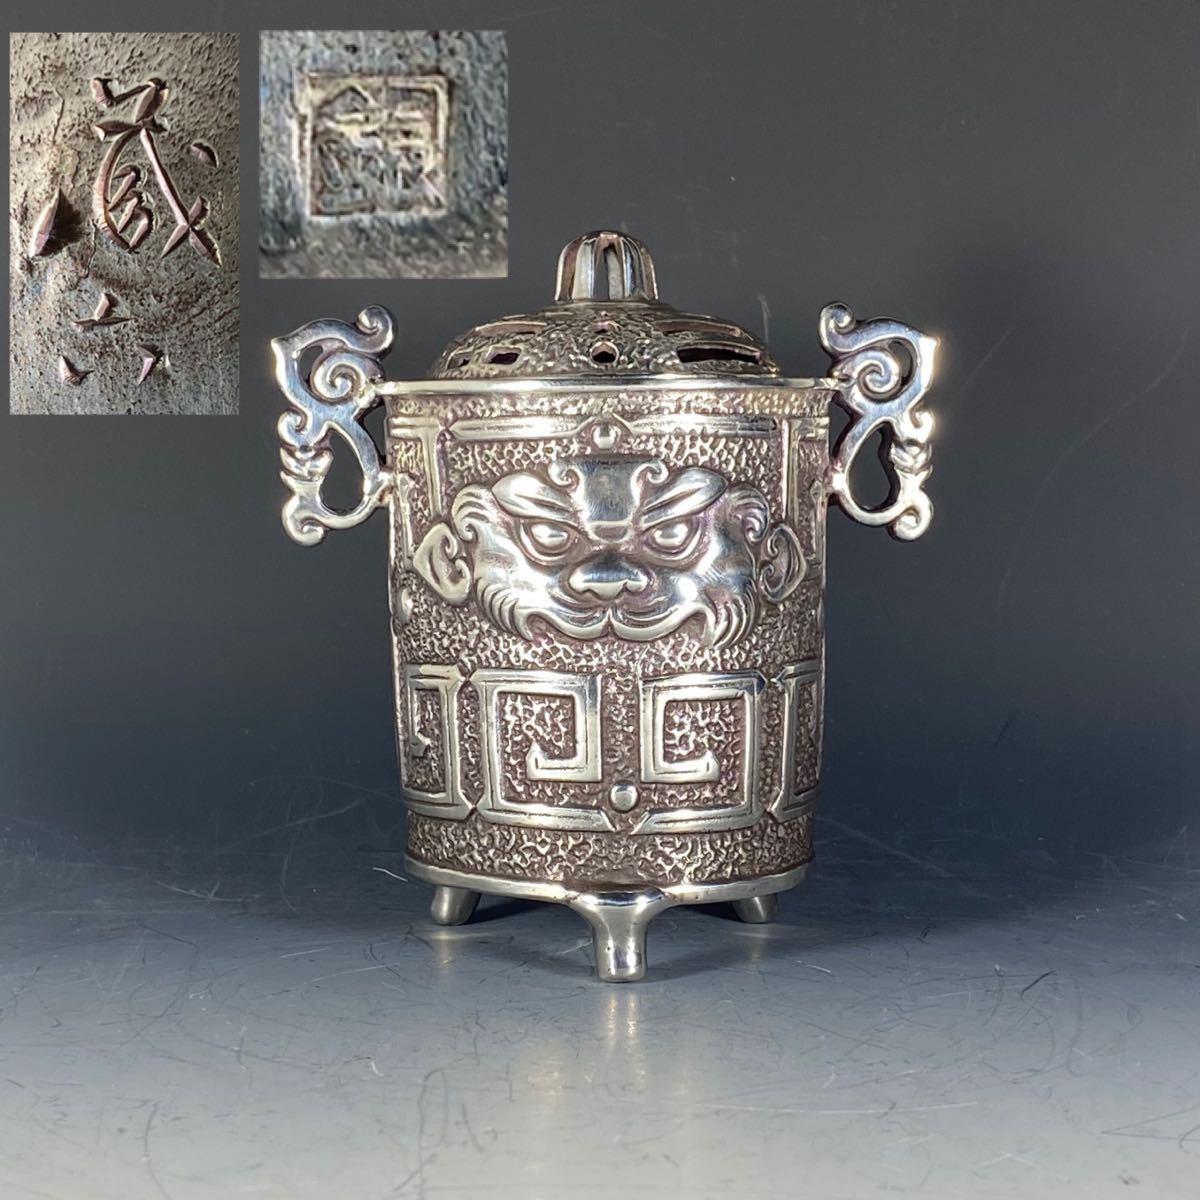 名工 秦蔵六 造 銀製浮彫獣紋双耳三足香炉 約715g